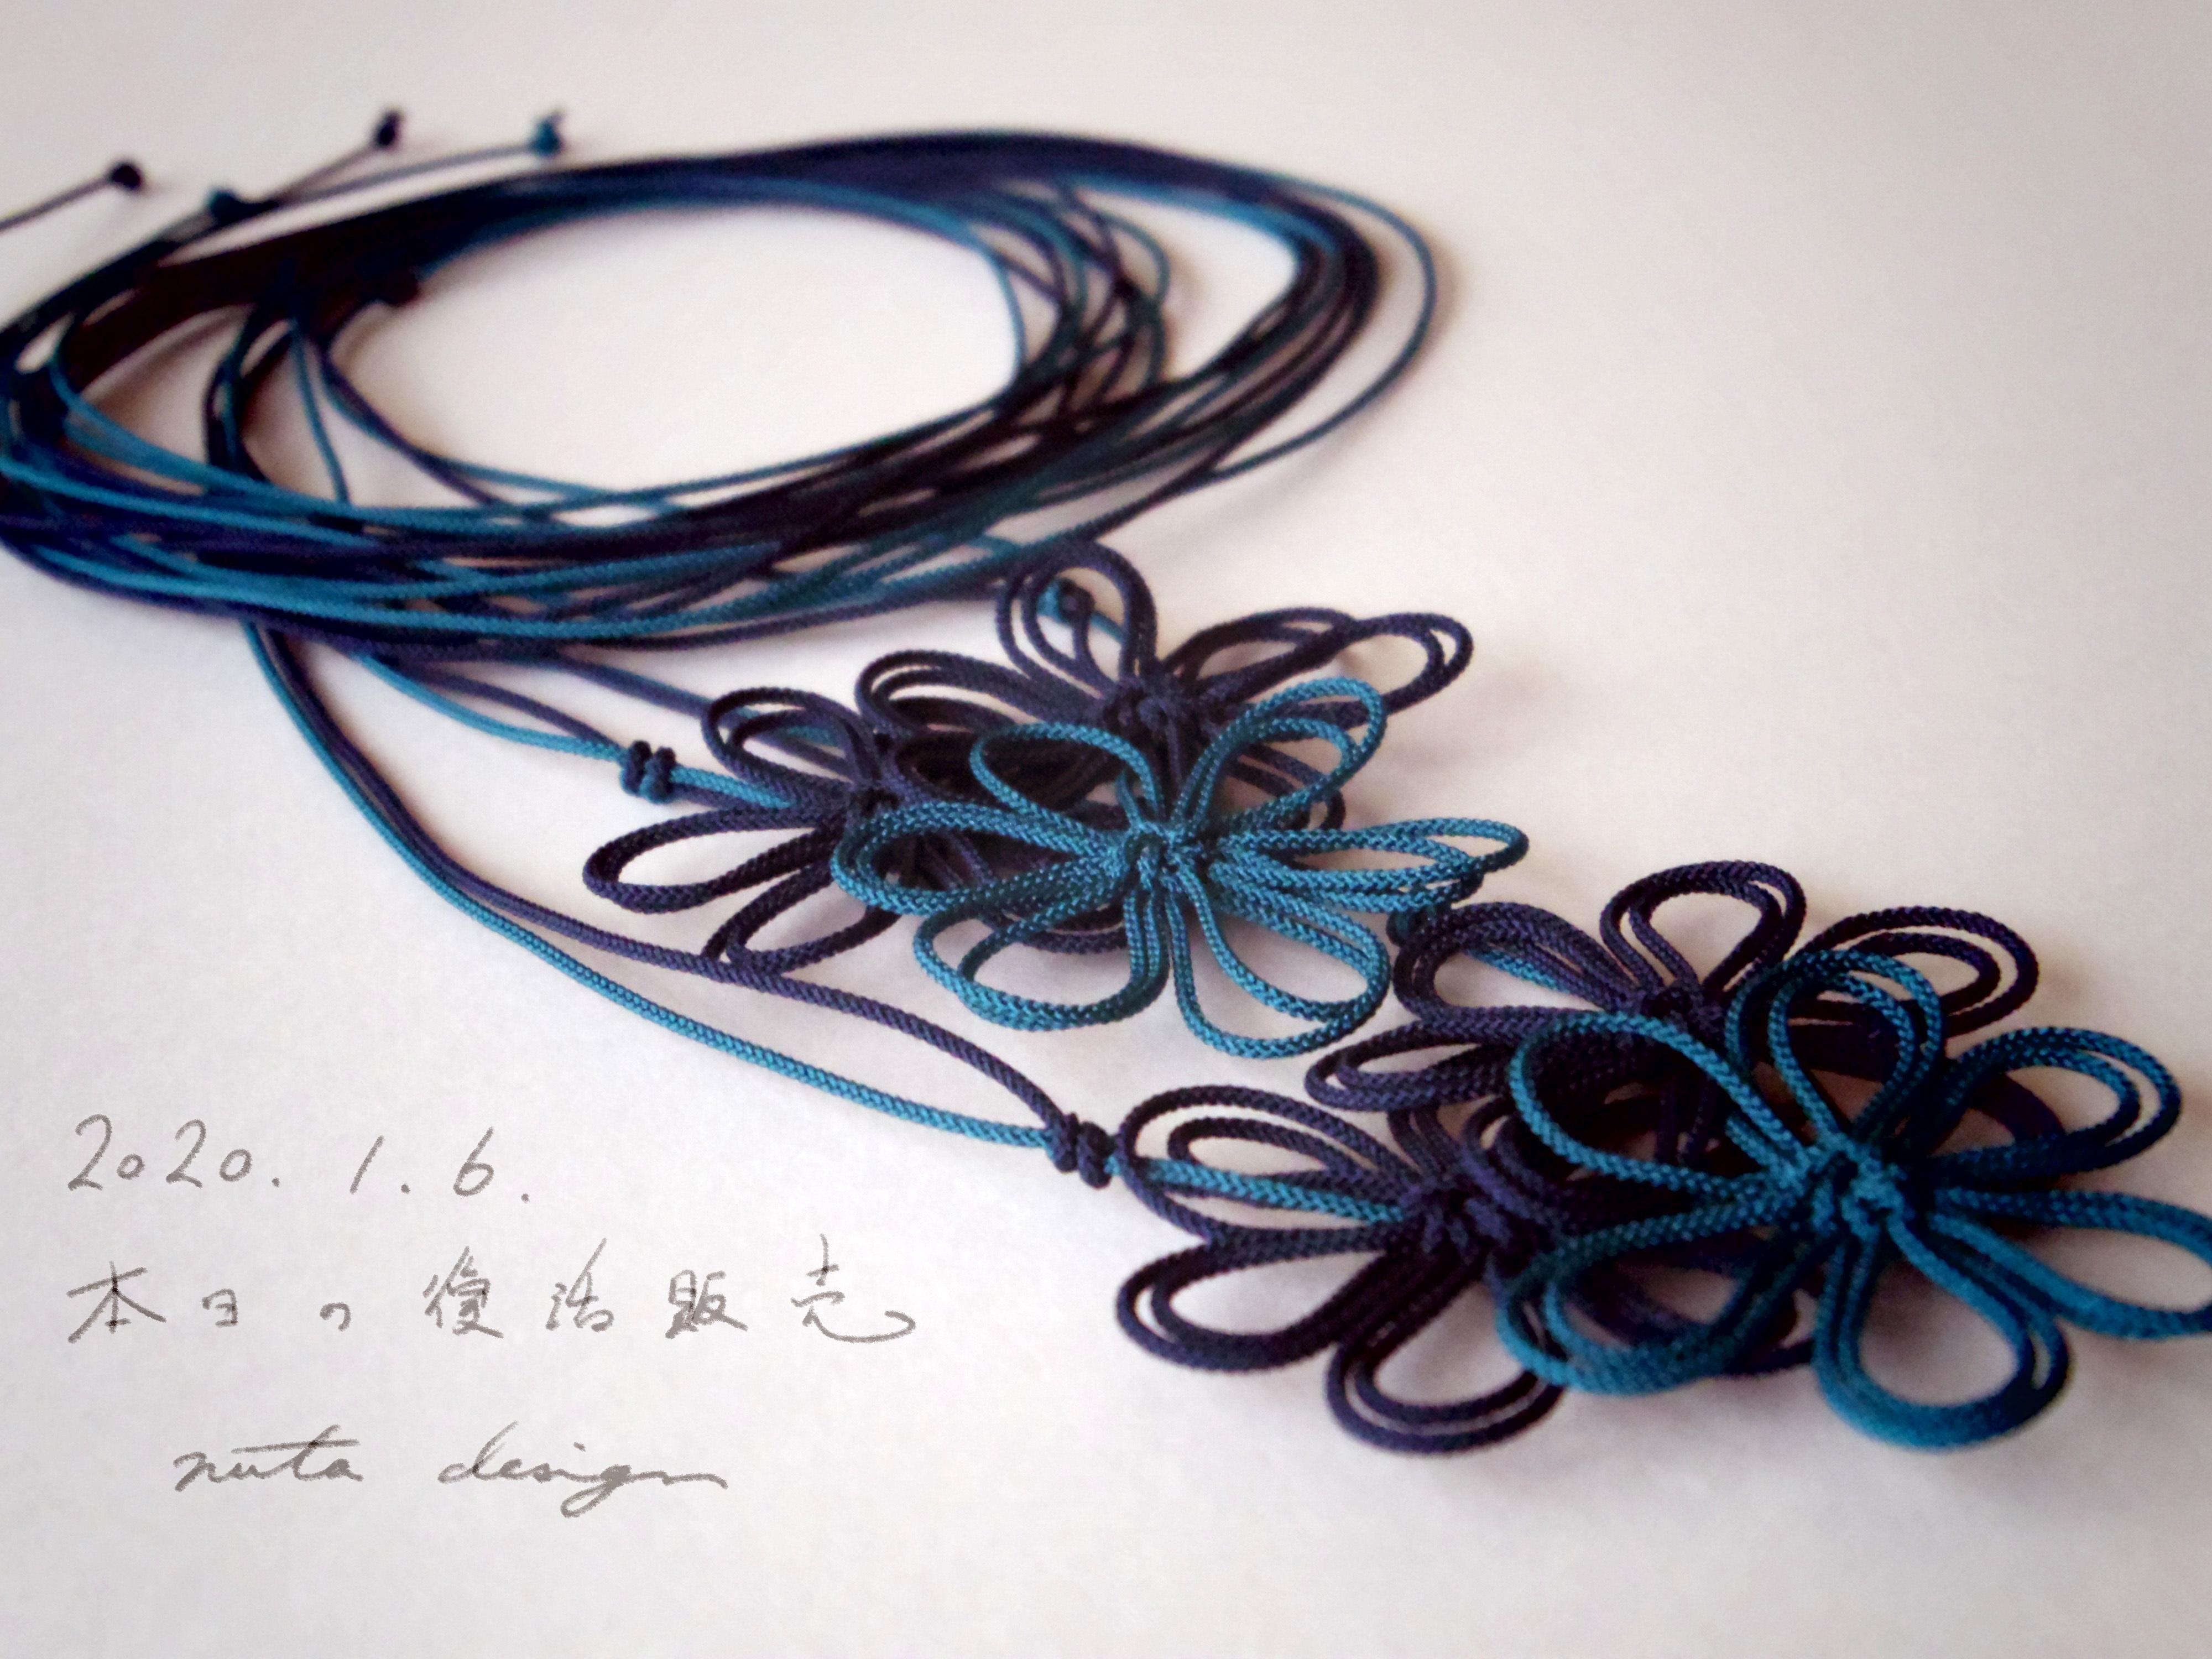 チョーカー「艶然ト冷」(濃青×淡青)